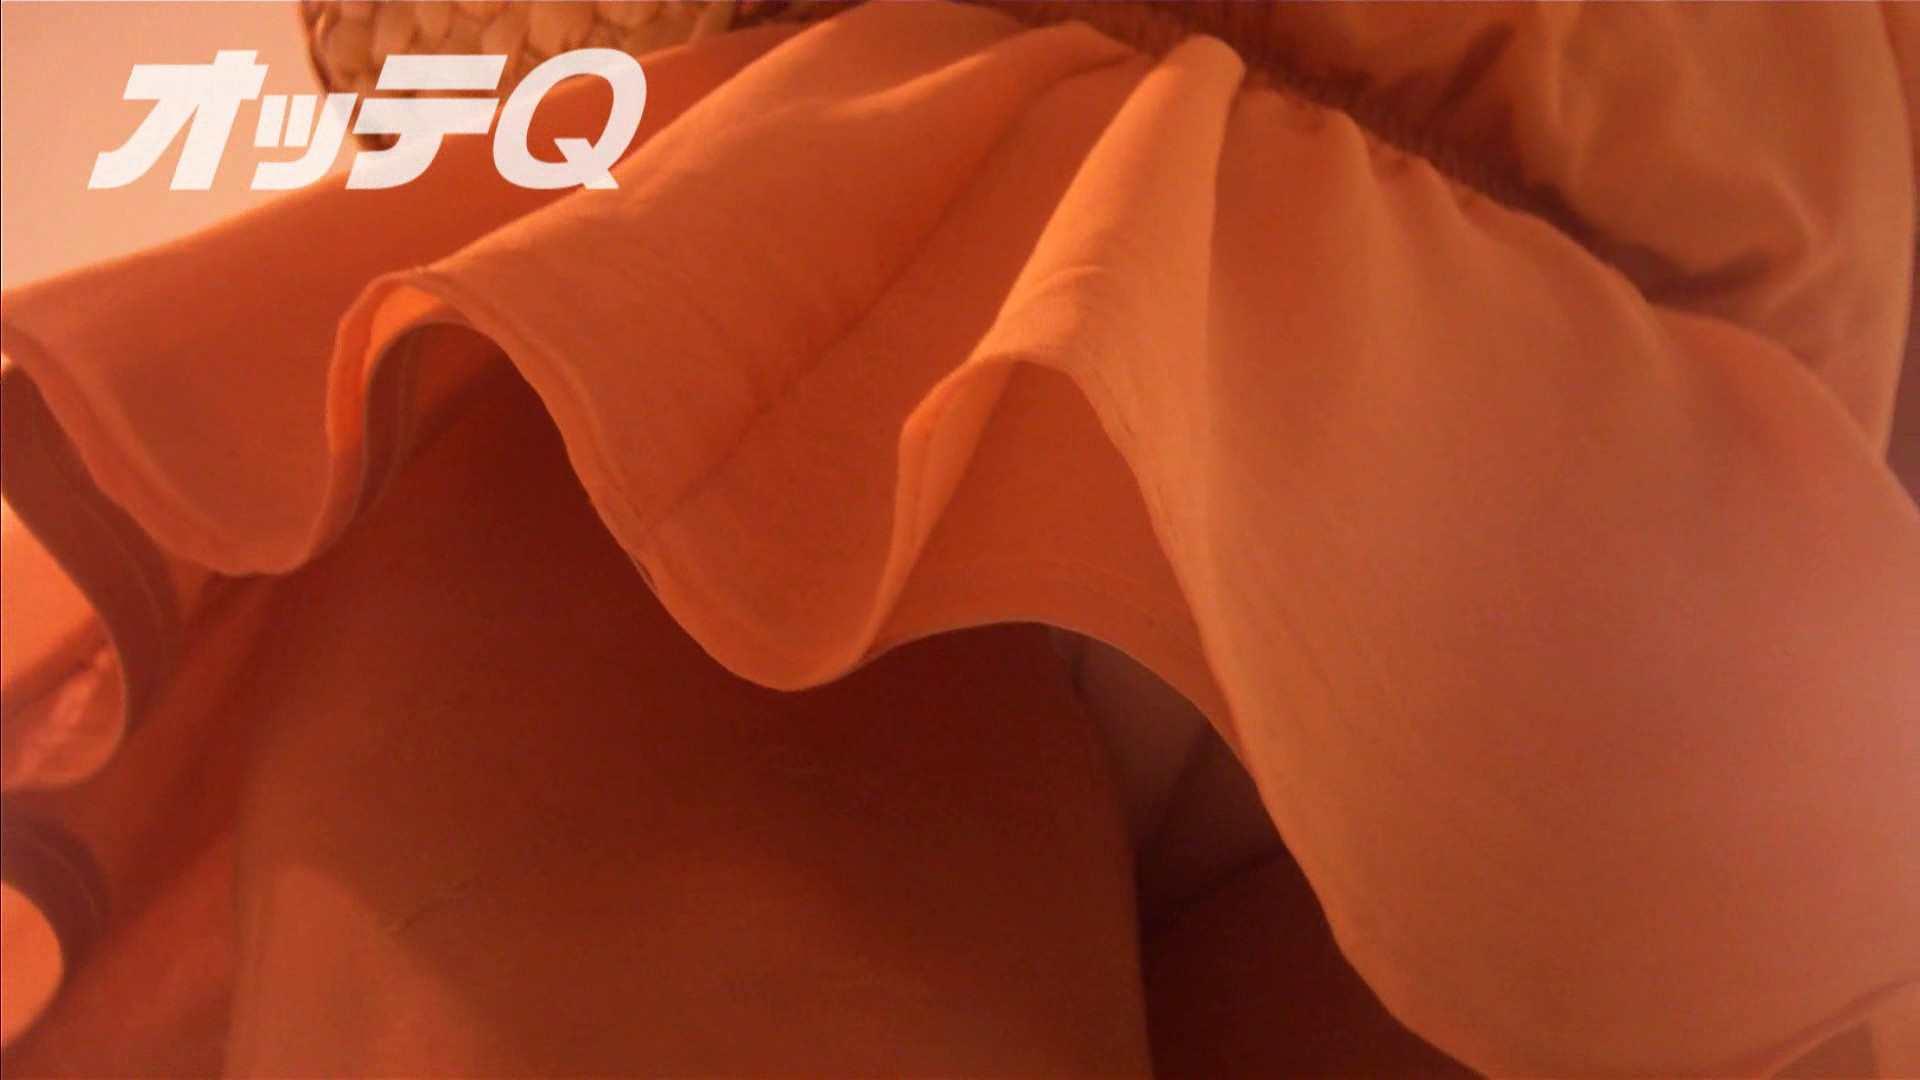 ハイビジョンパンチラ オッテQさんの追跡パンチラデパート編VOL.04 パンツ | ギャル・コレクション  42連発 15